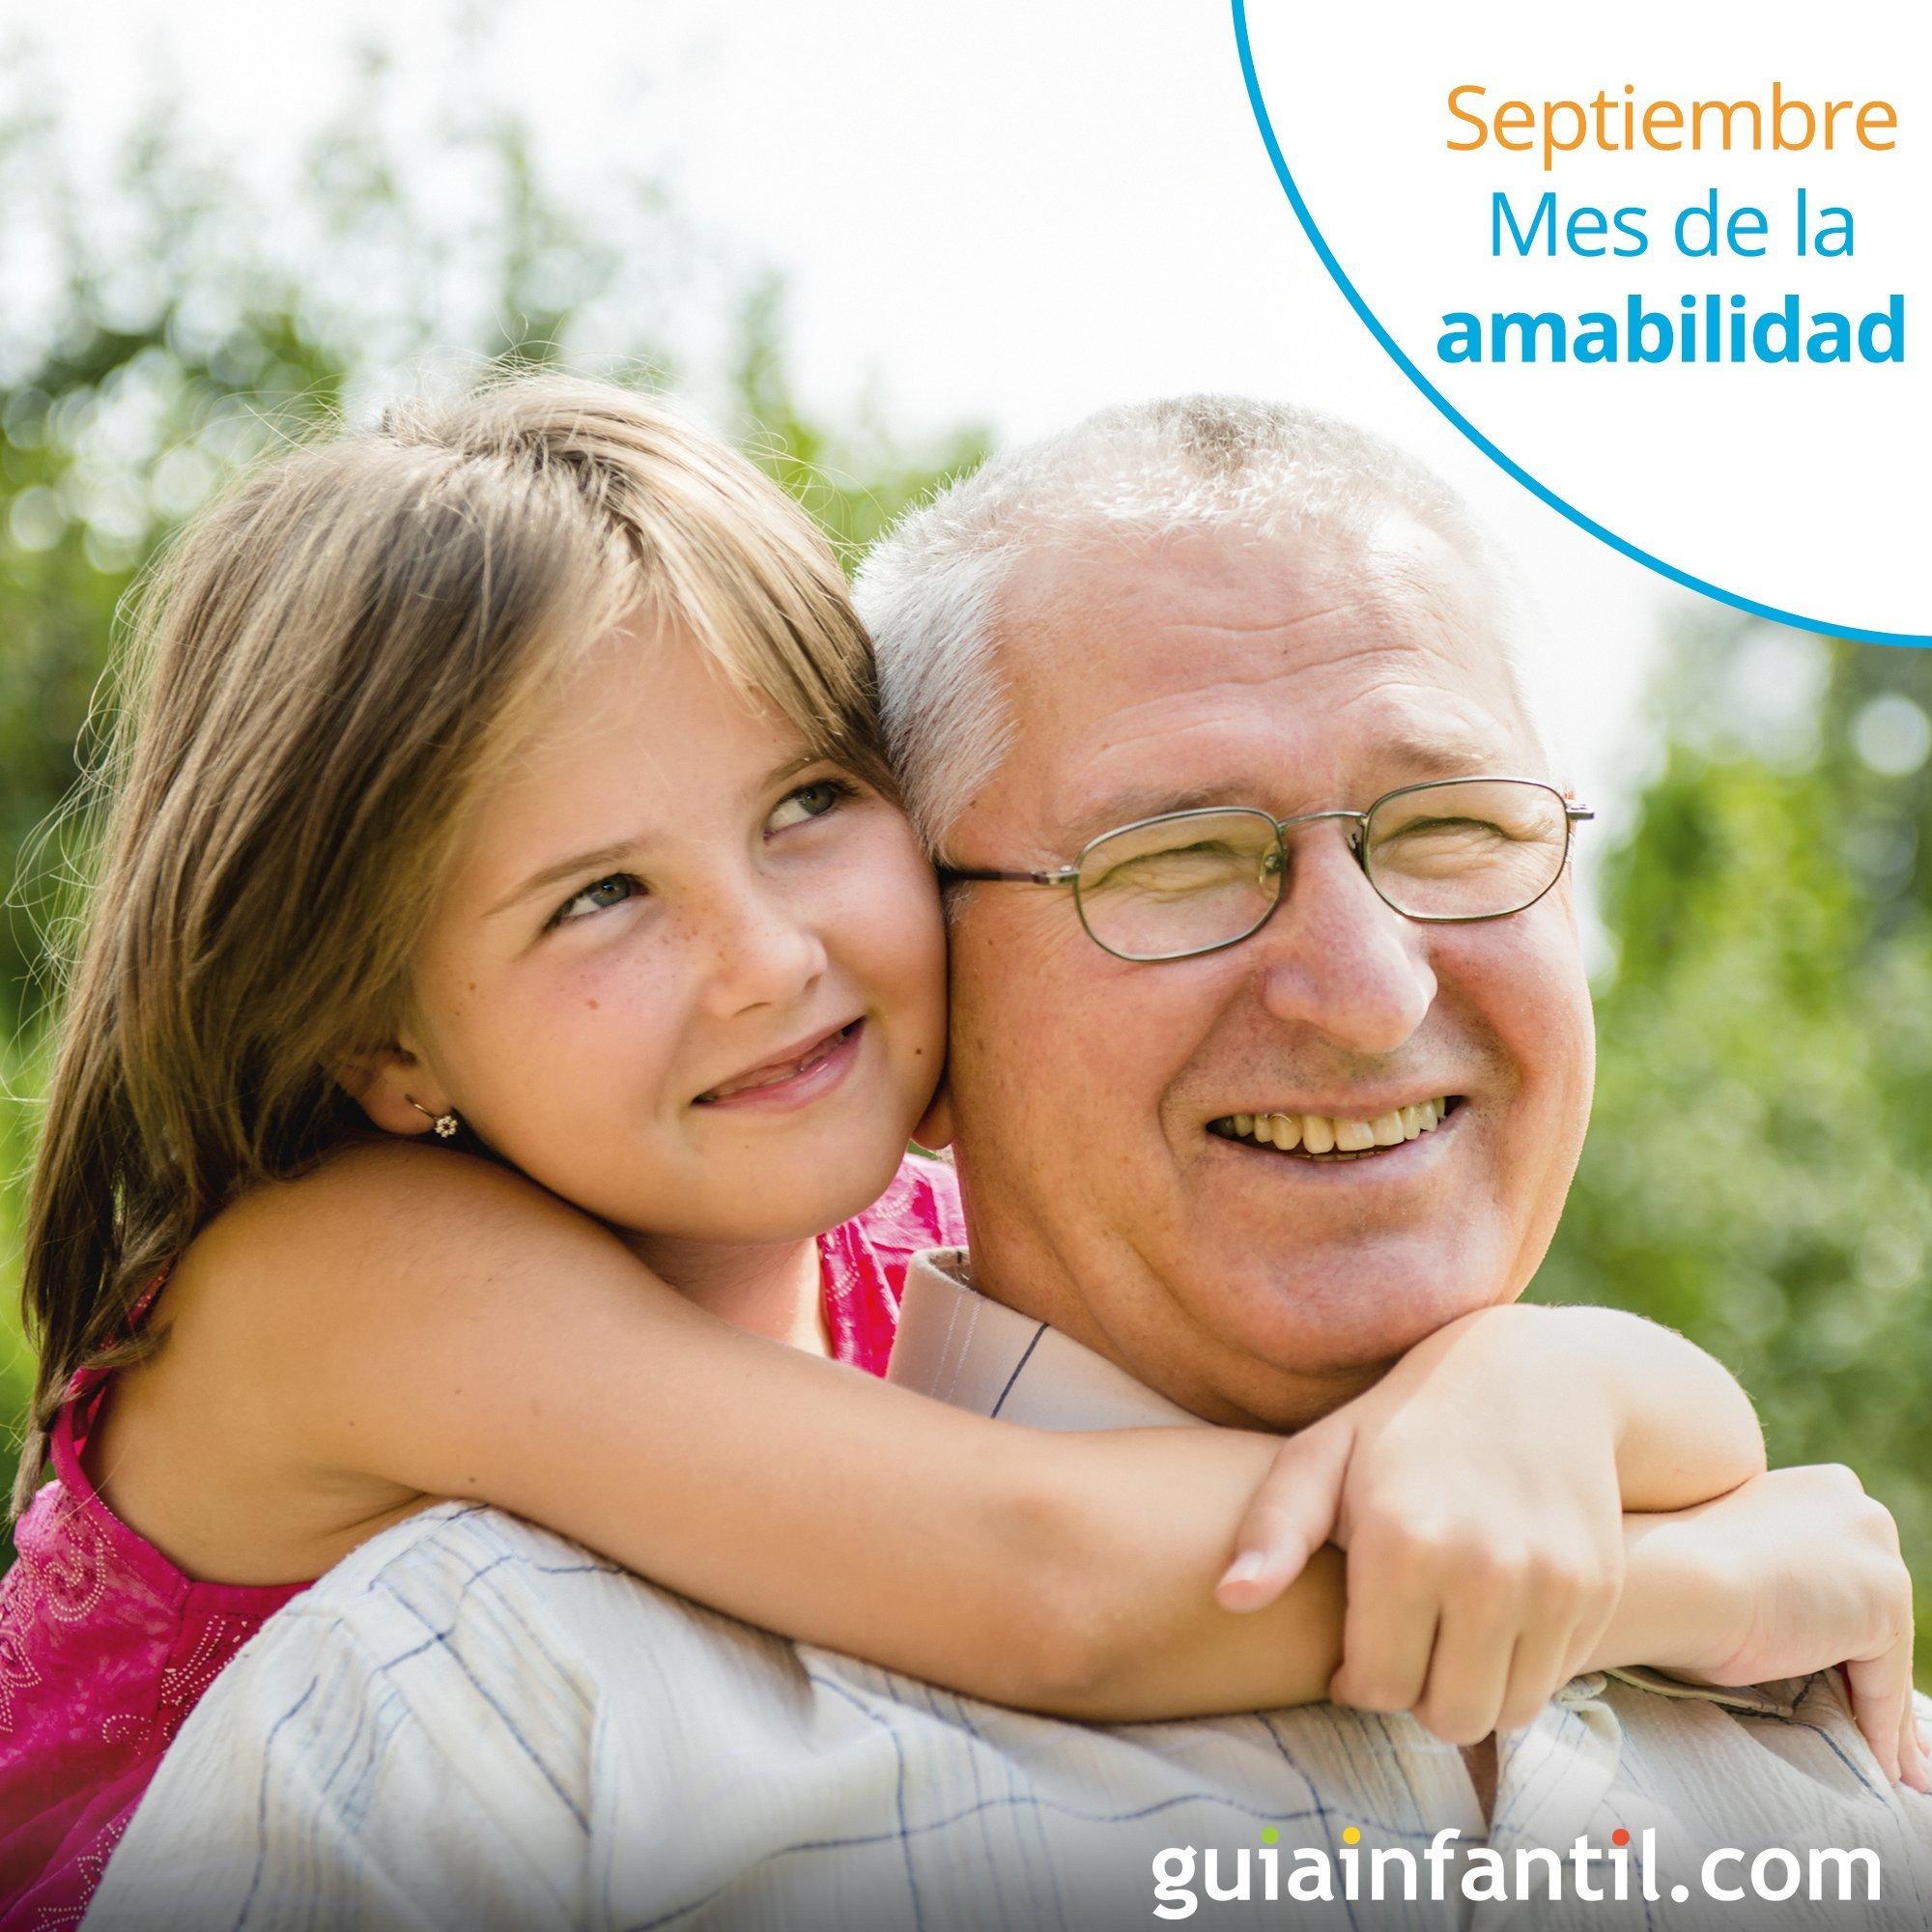 Calendario de valores del mes de septiembre. Amabilidad